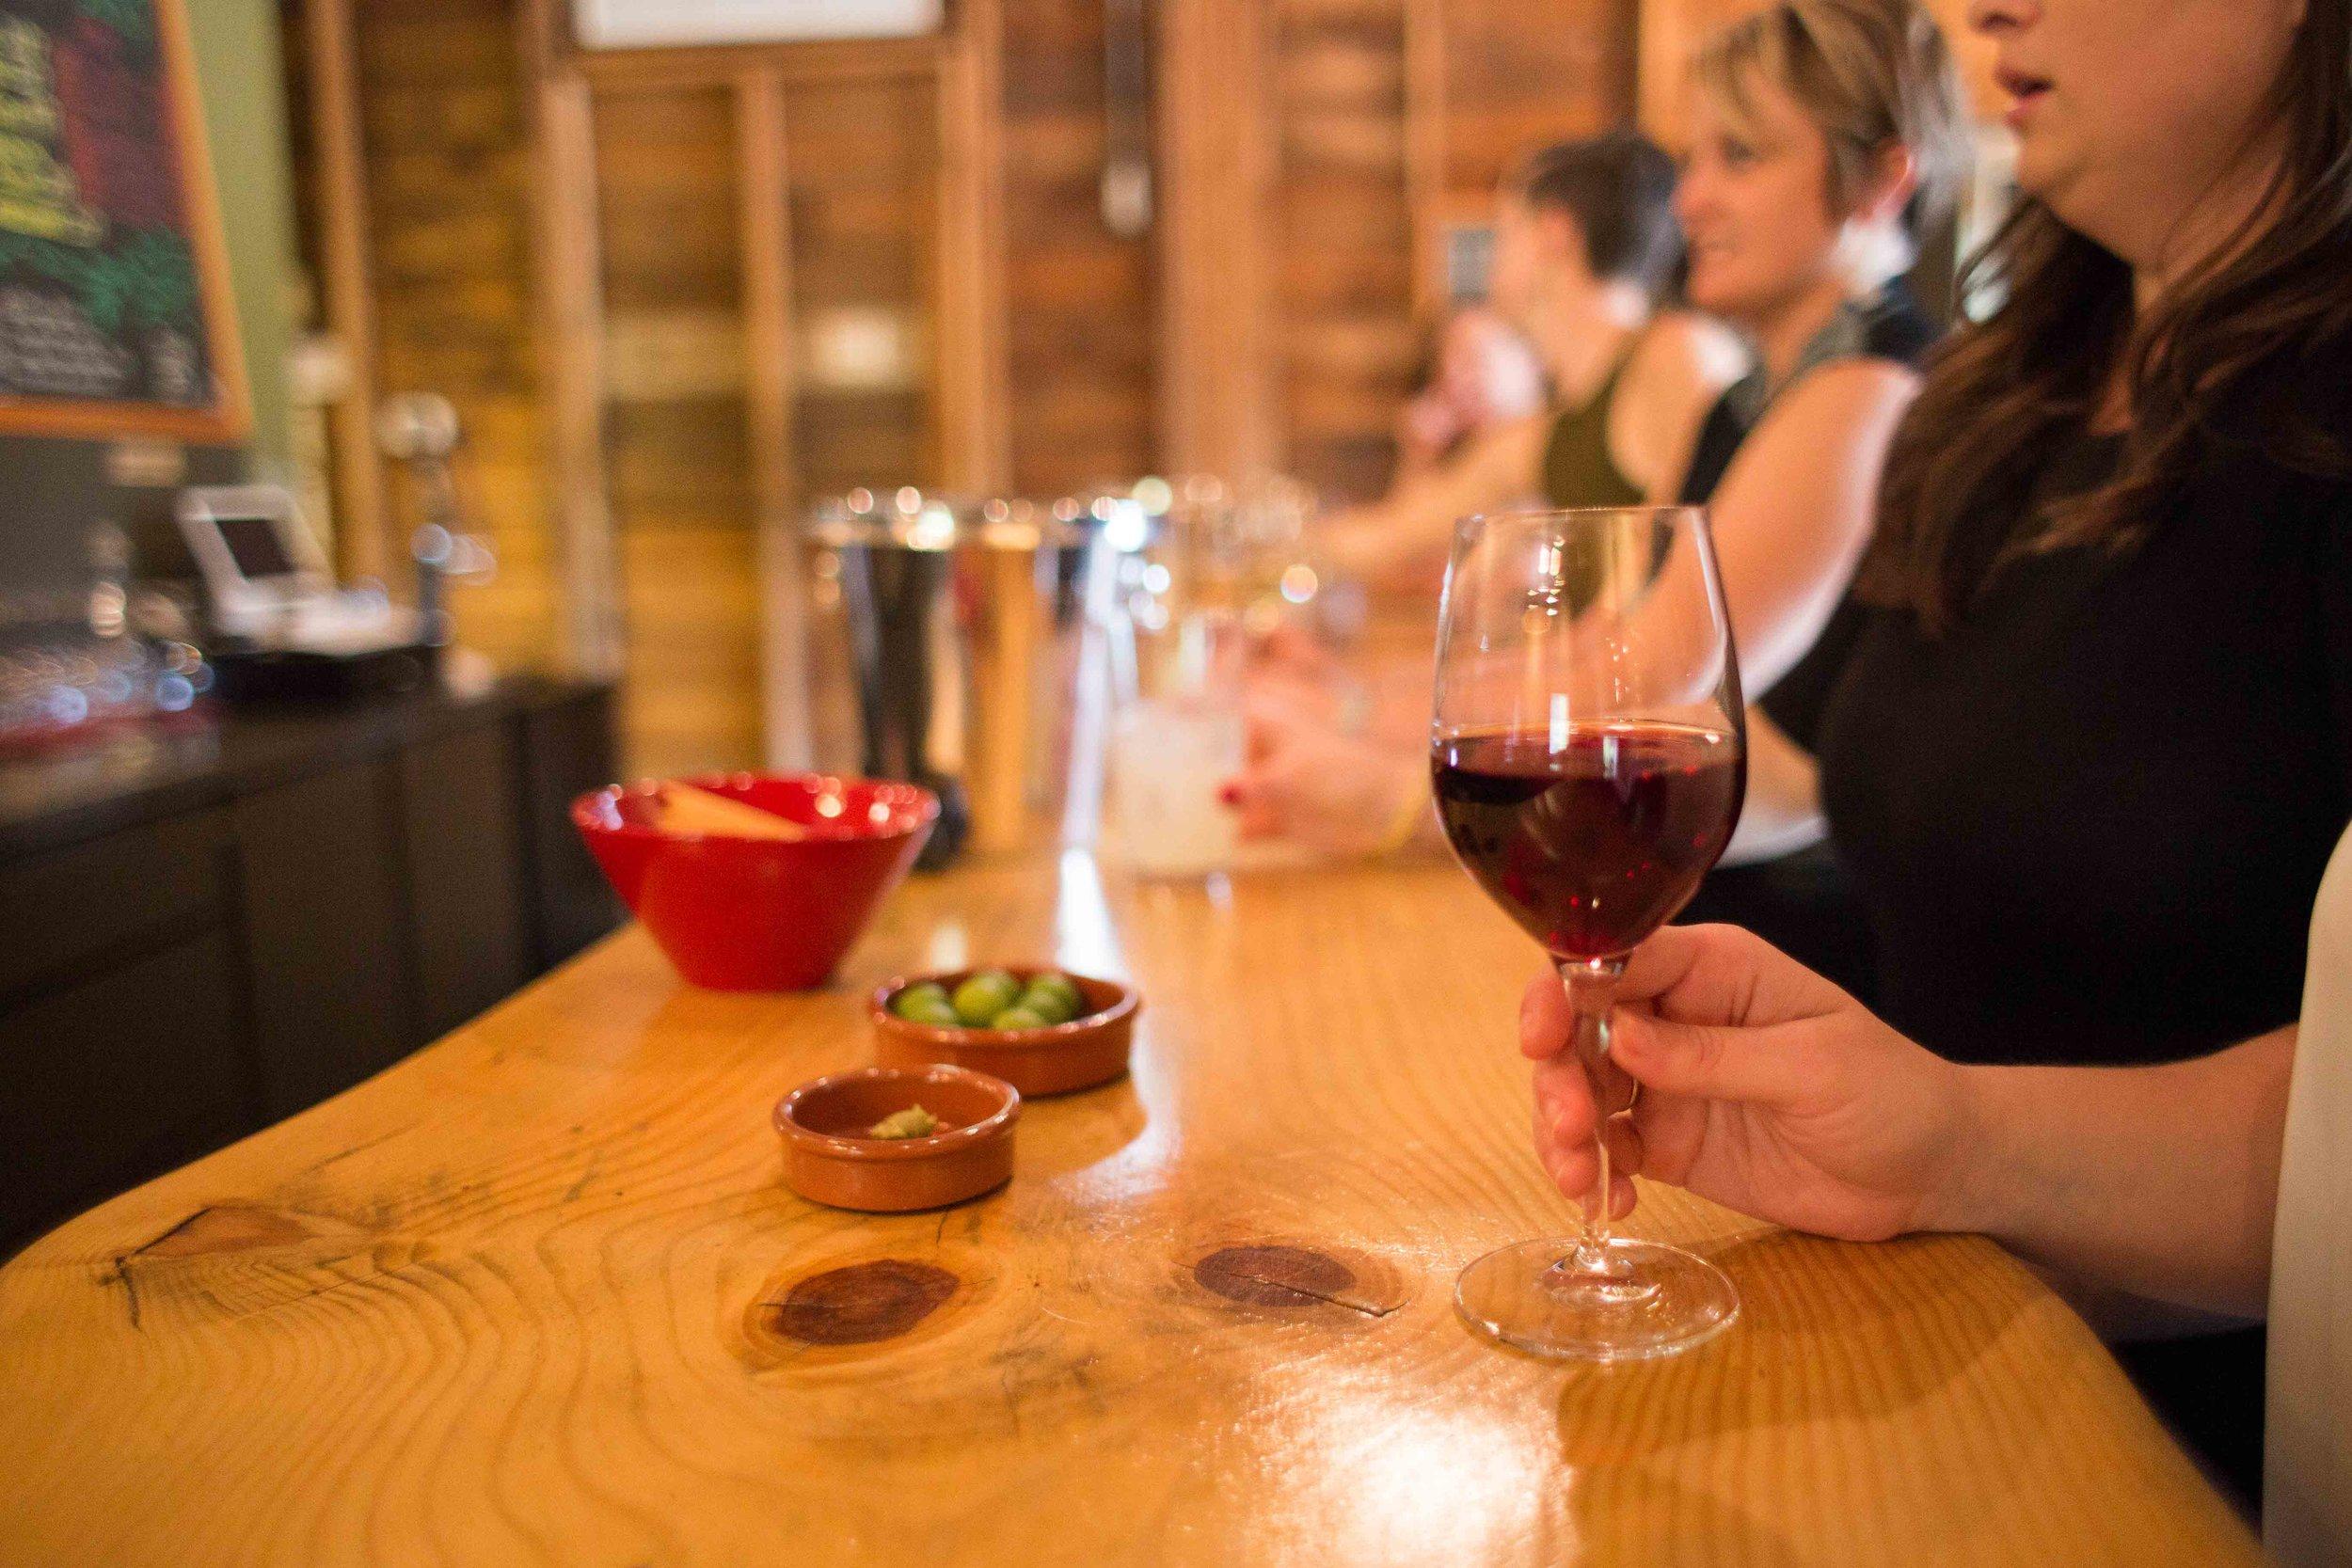 Hood River Wine Alliance Wine Walk  Columbia Gorge Downtown Tasting Rooms Wineries Drink Taste Explore-42.jpg